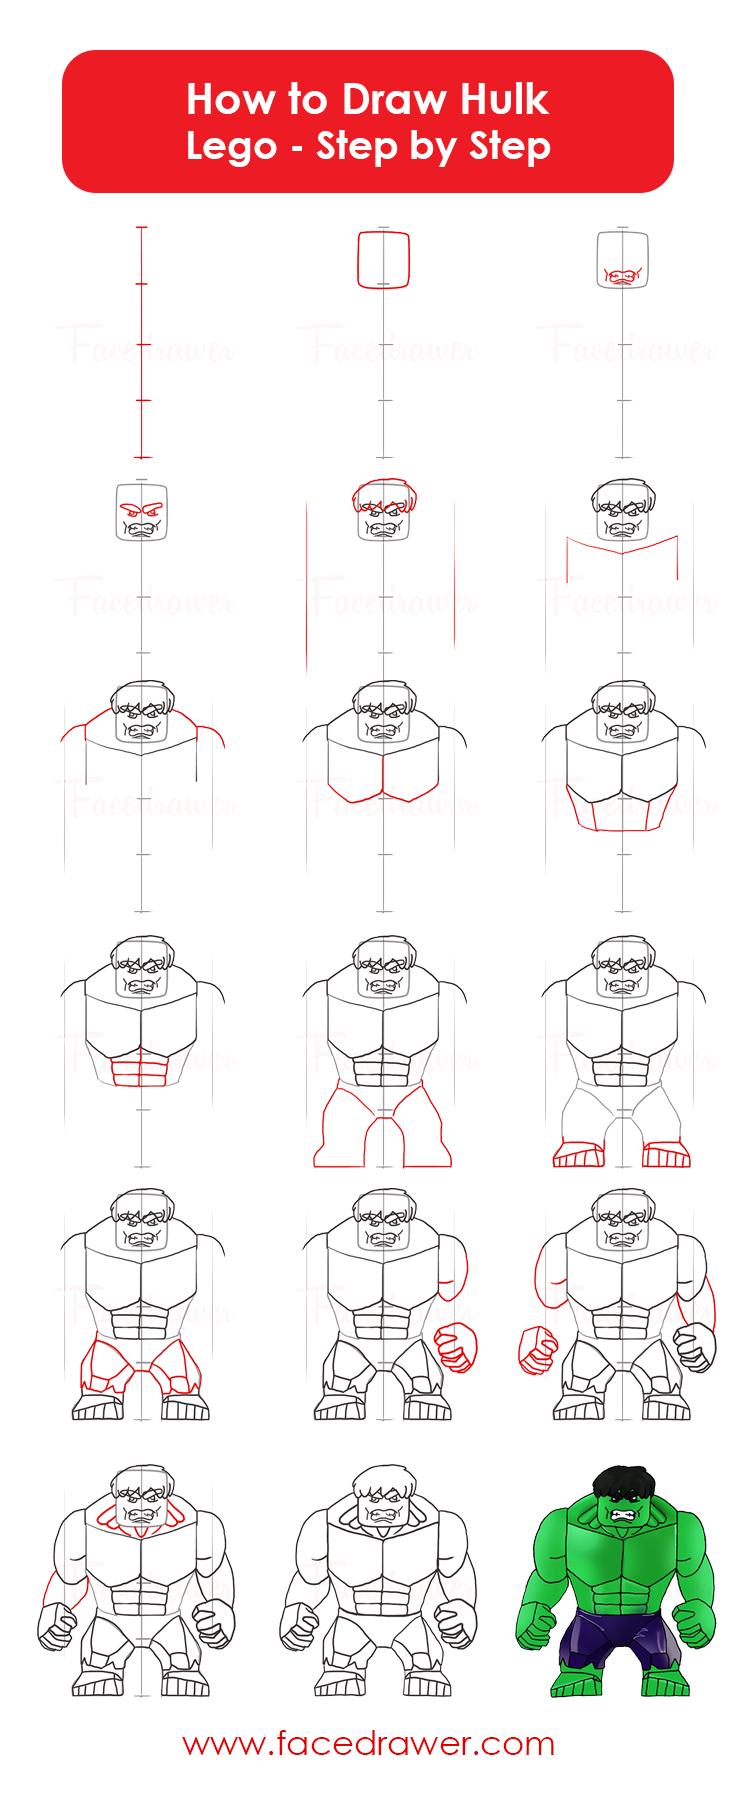 how-to-draw-lego-hulk-step-by-step